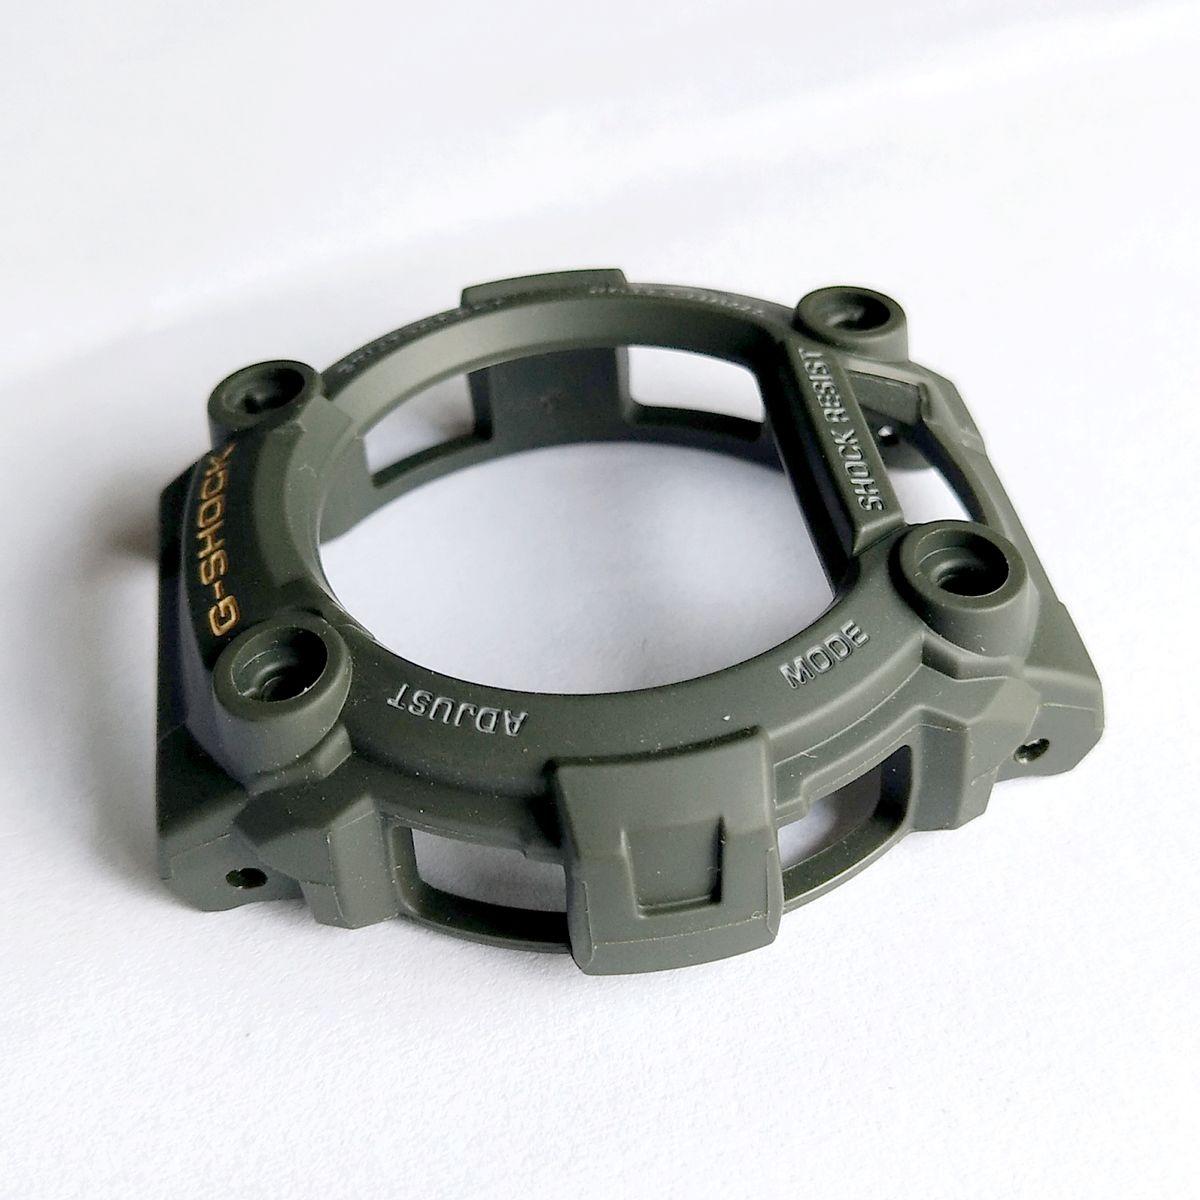 Bezel Casio G-shock G-7900-3dr Resina VErde - 100% Original  - E-Presentes